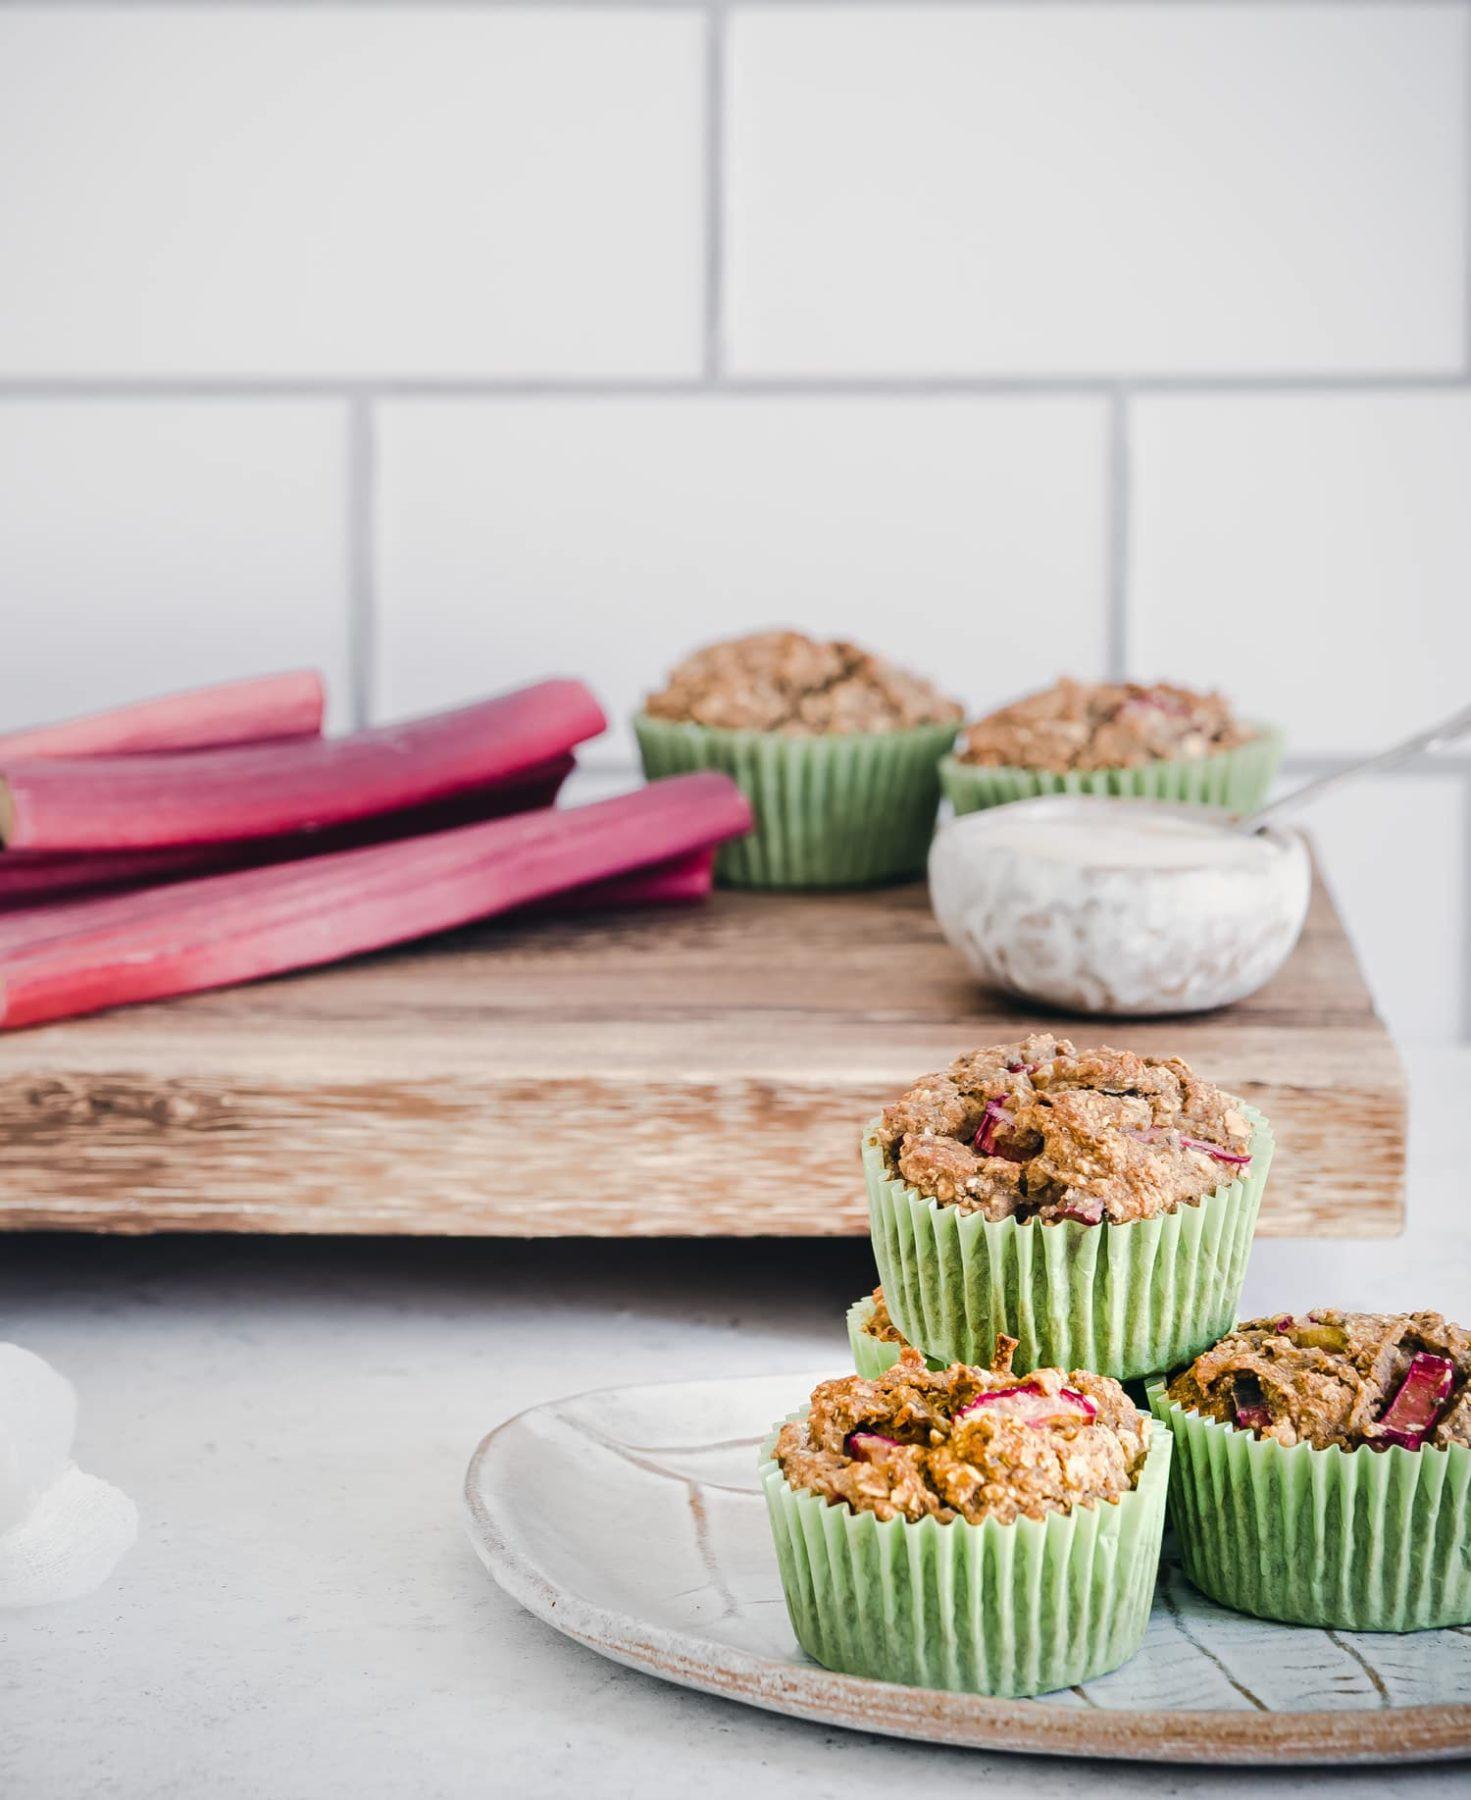 Rhabarber Muffins, glutenfrei und mit Süße nur aus Früchten